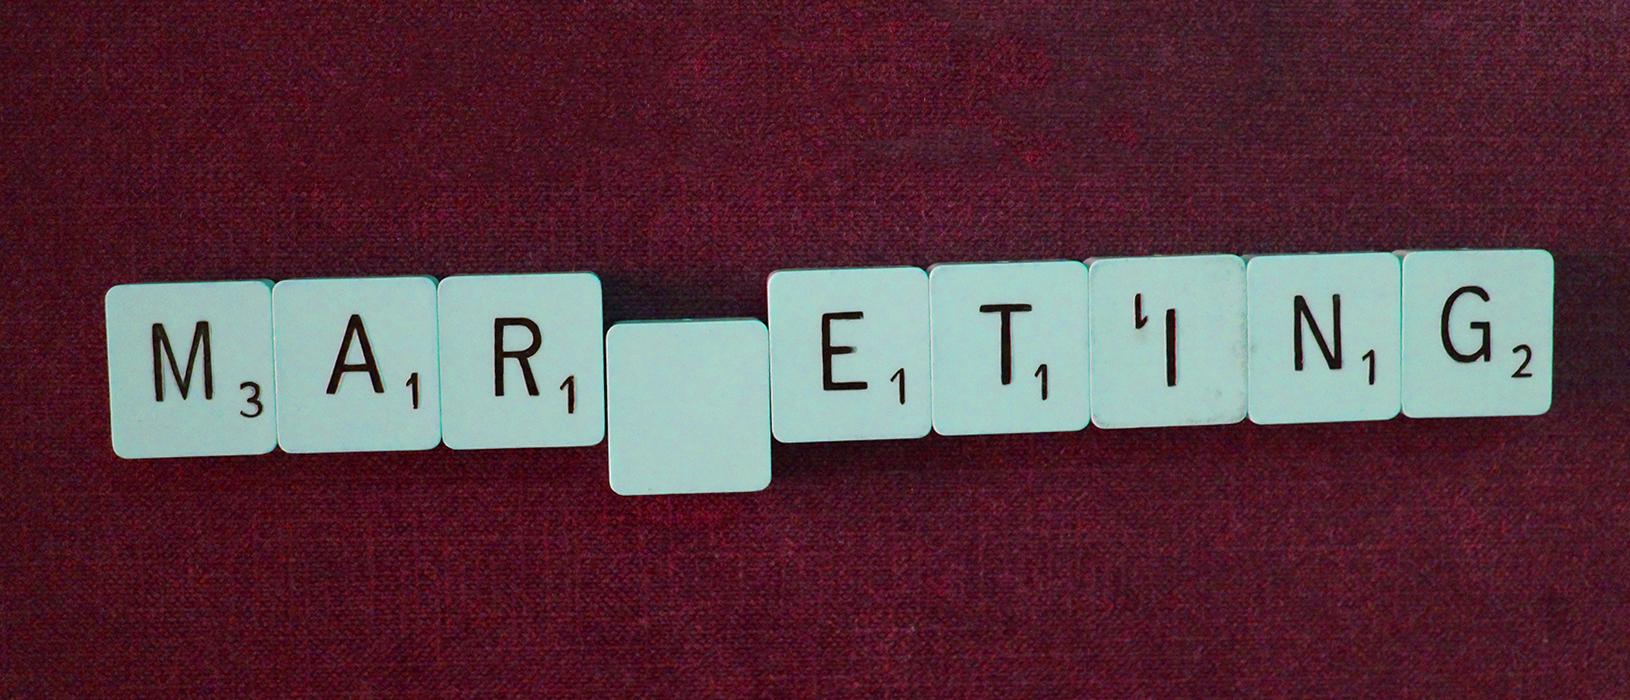 Marketing gilt in vielen Unternehmen als Geldverschwendung. Foto: Pixabay, Montage: Marketing im Pott